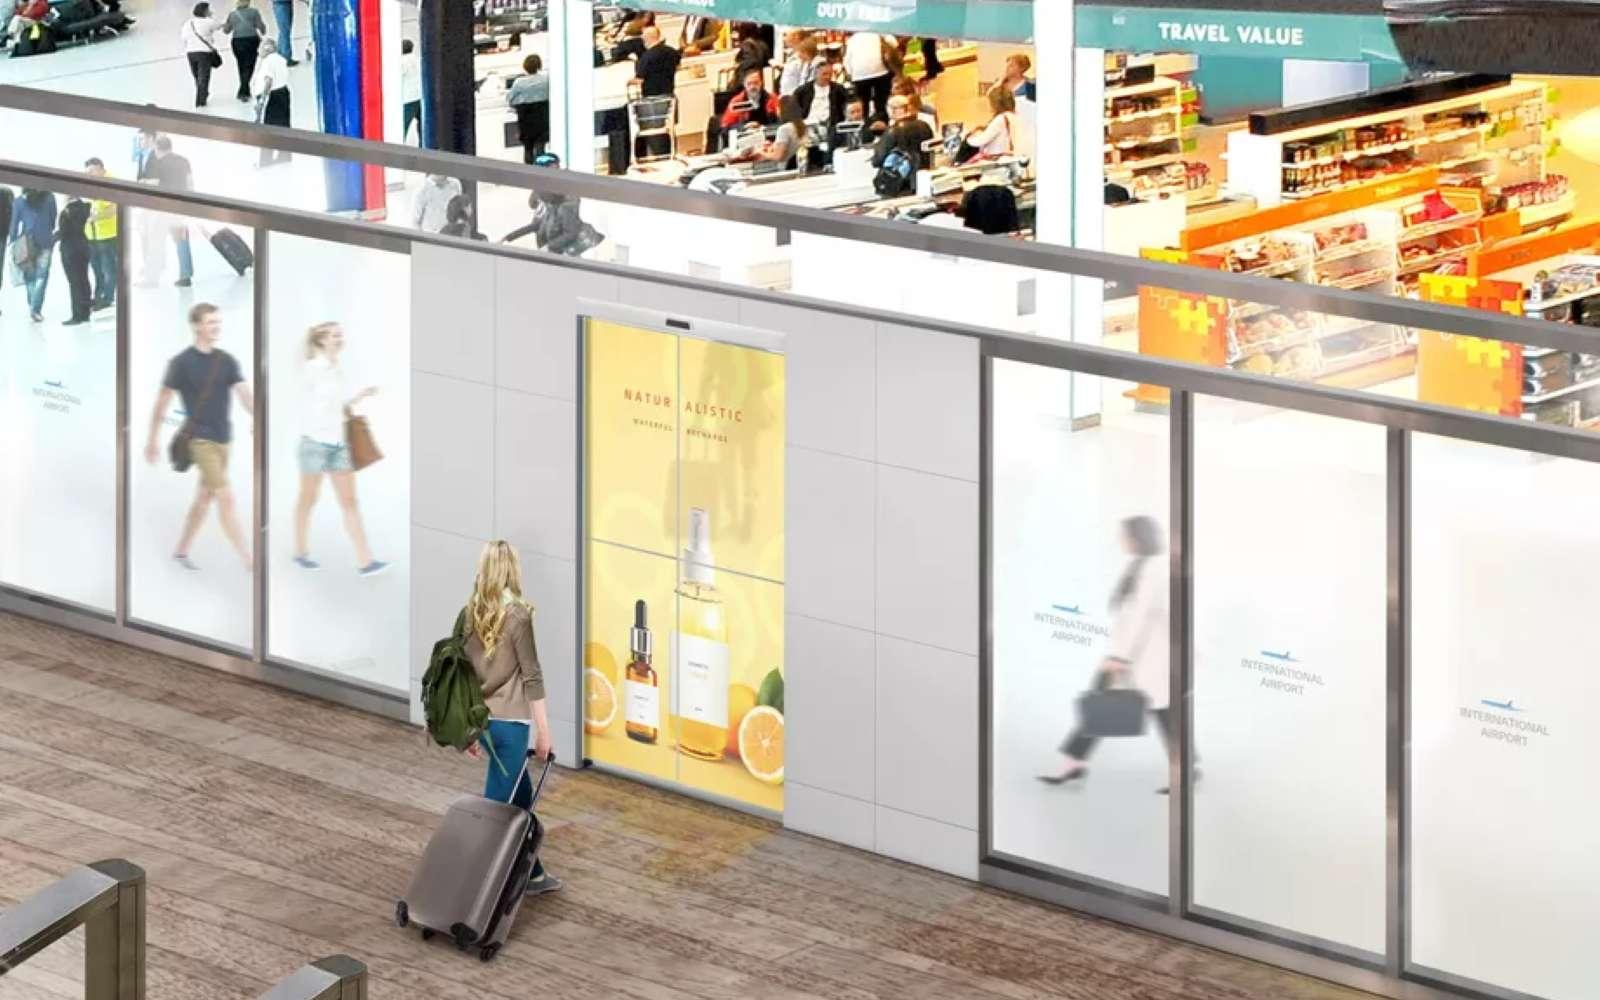 Des publicités pourraient être affichées directement sur les portes vitrées à ouverture automatique des centres commerciaux. © LG